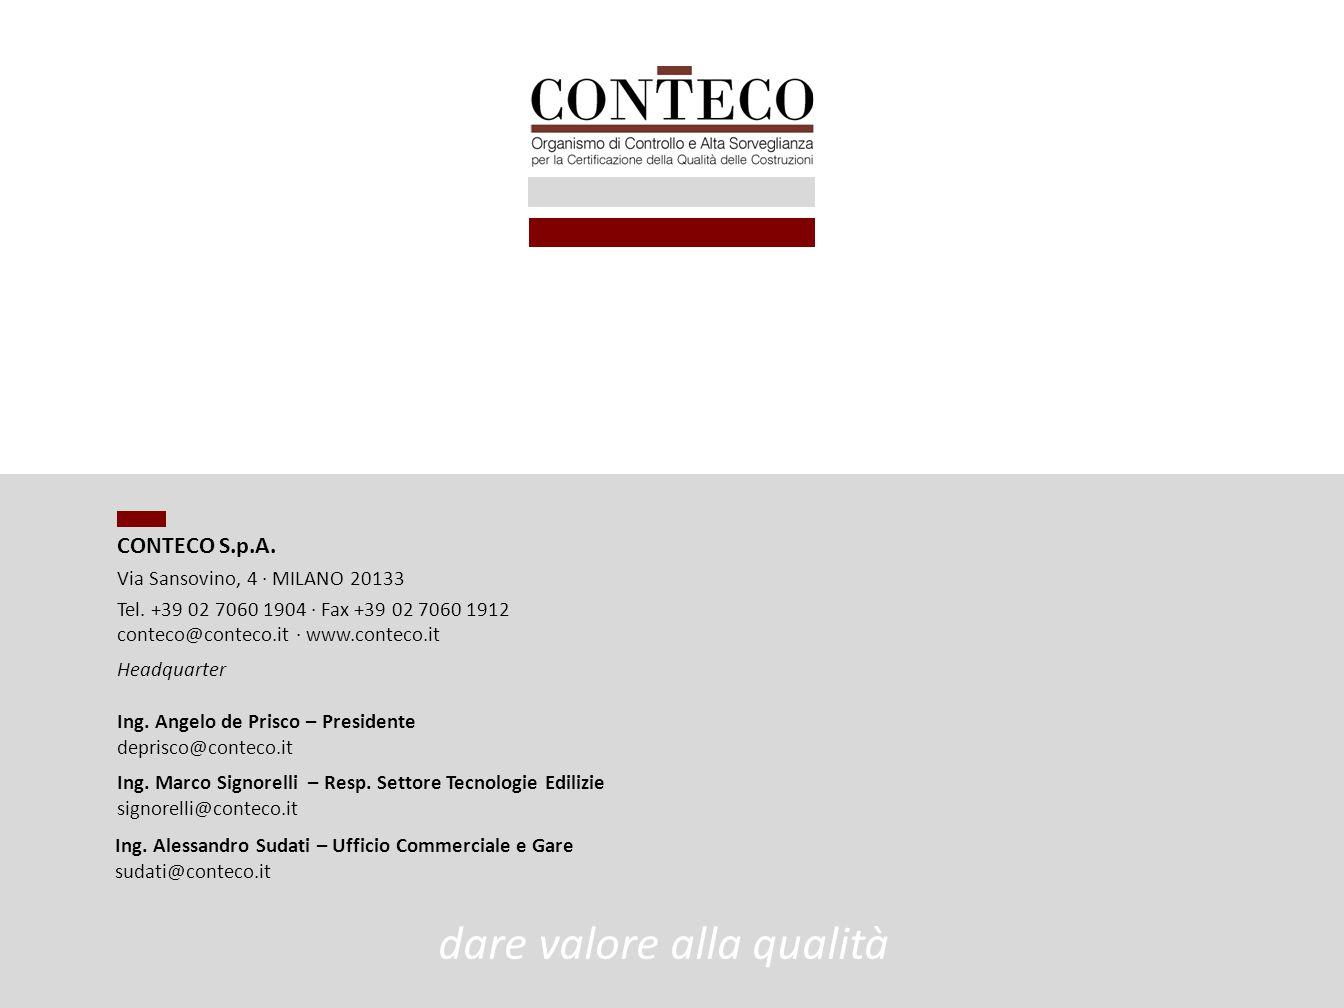 Ing. Angelo de Prisco – Presidente deprisco@conteco.it CONTECO S.p.A. Via Sansovino, 4 · MILANO 20133 Tel. +39 02 7060 1904 · Fax +39 02 7060 1912 con